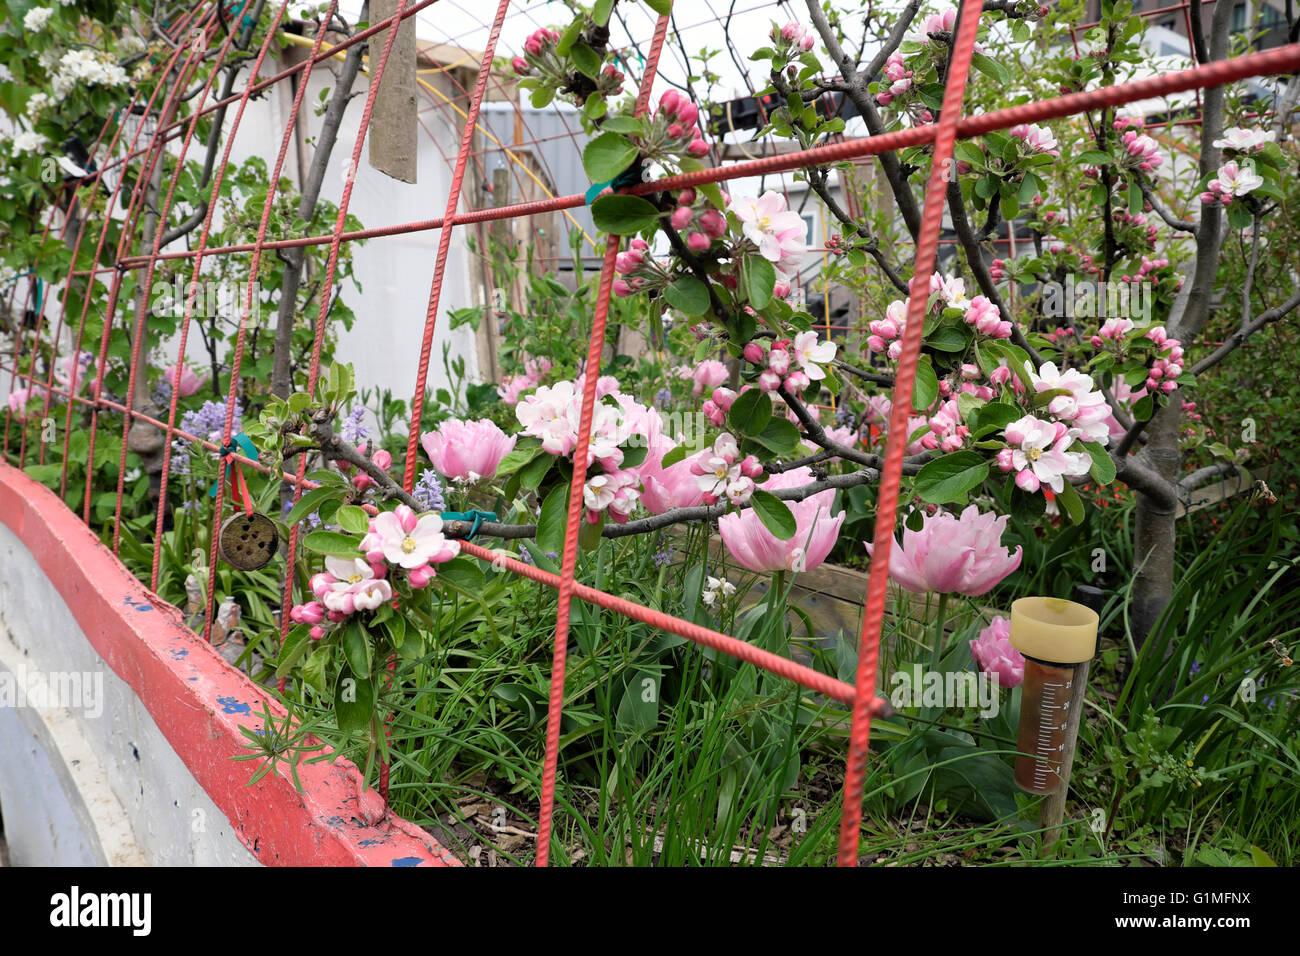 Manzano en flor y rosa tulipanes crecen en un salto en el jardín saltar en Kings Cross London UK KATHY DEWITT Imagen De Stock